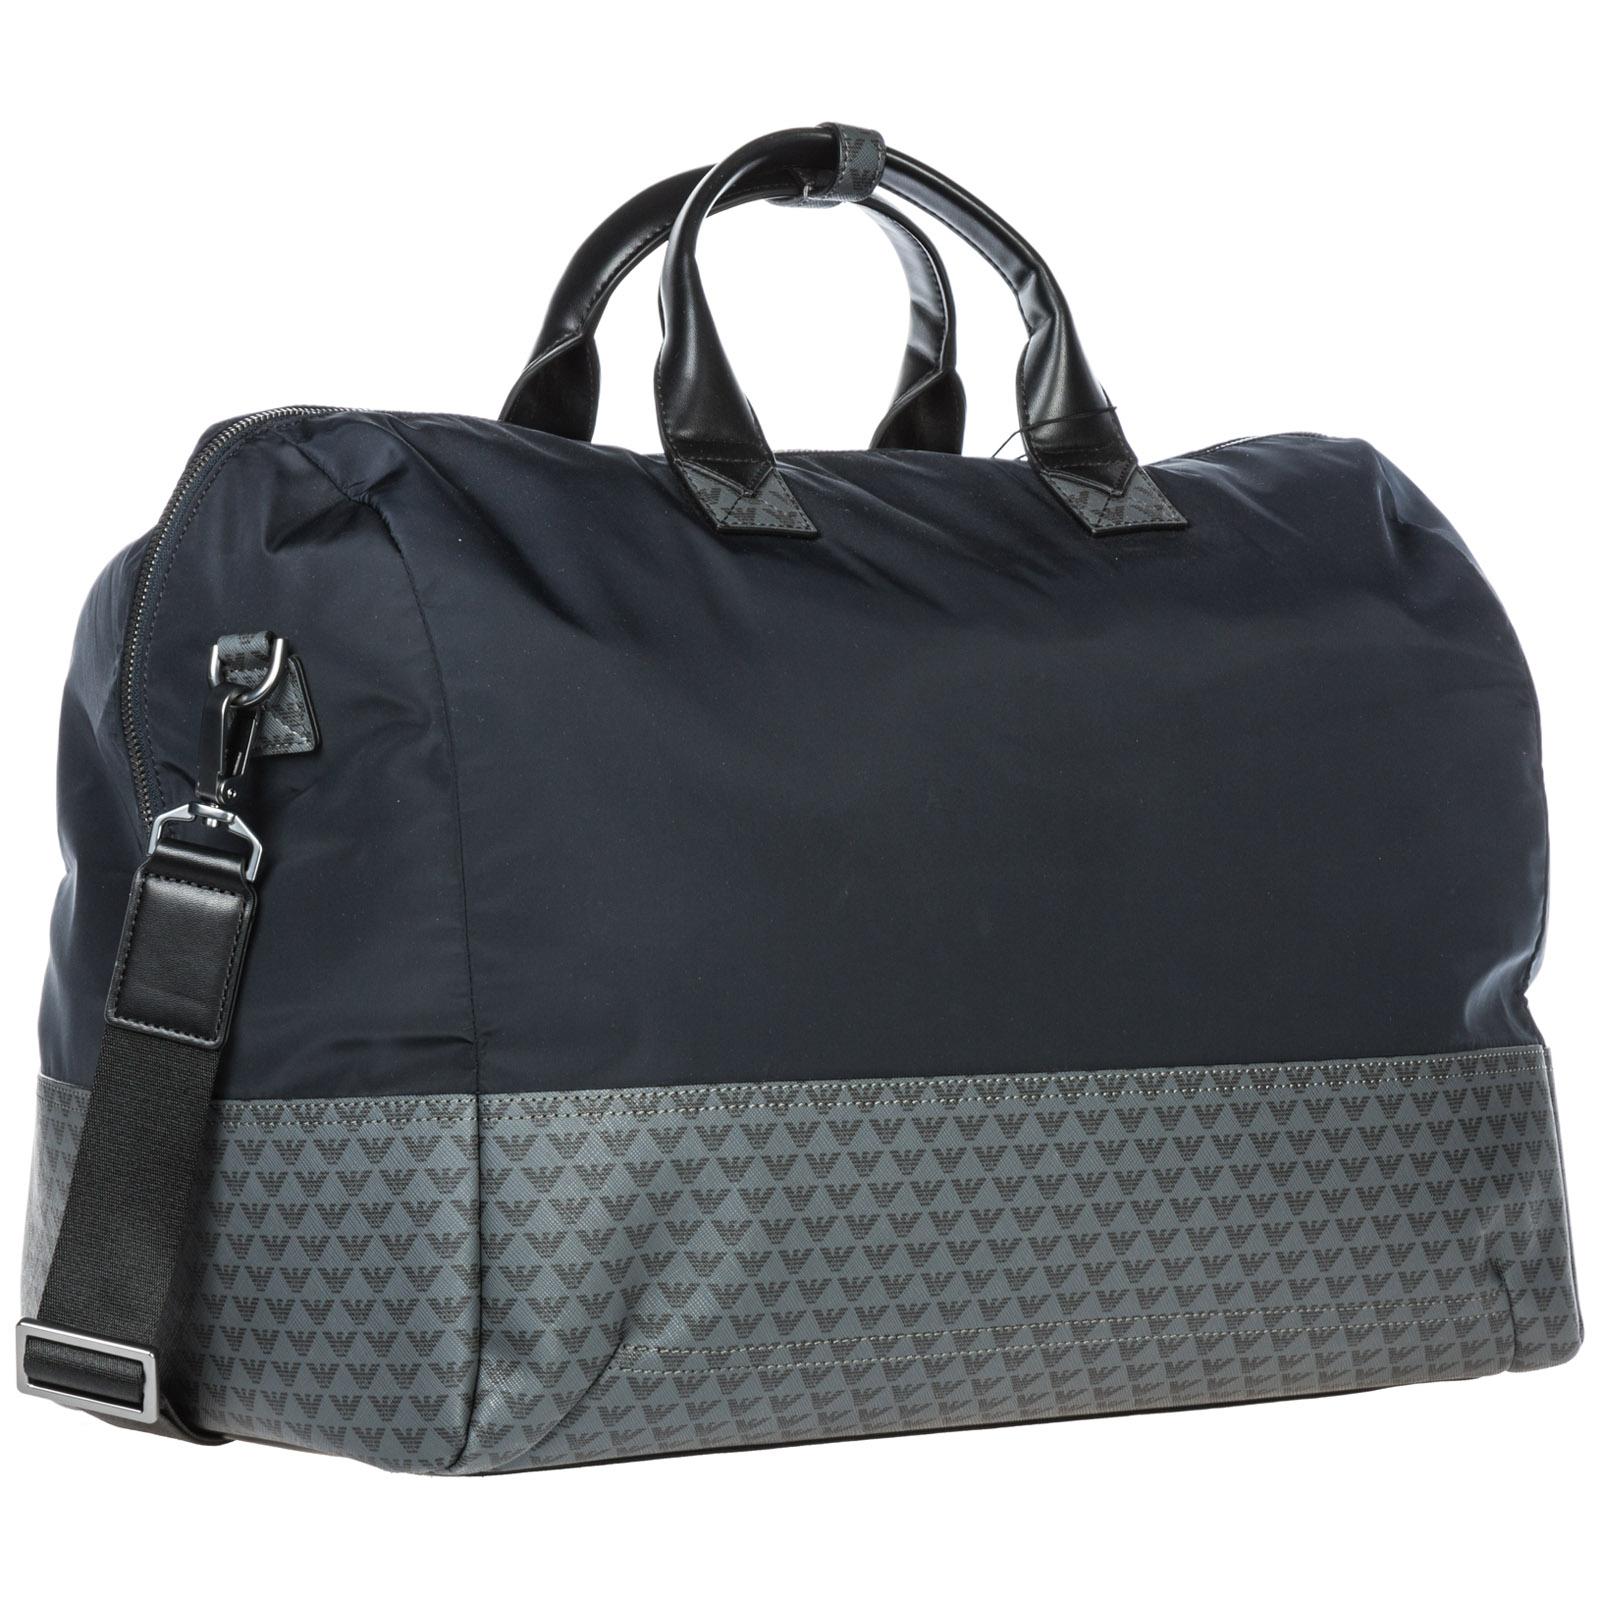 Duffle bag Emporio Armani Y4Q089YME4J83194 navy   black  e4323f8425142